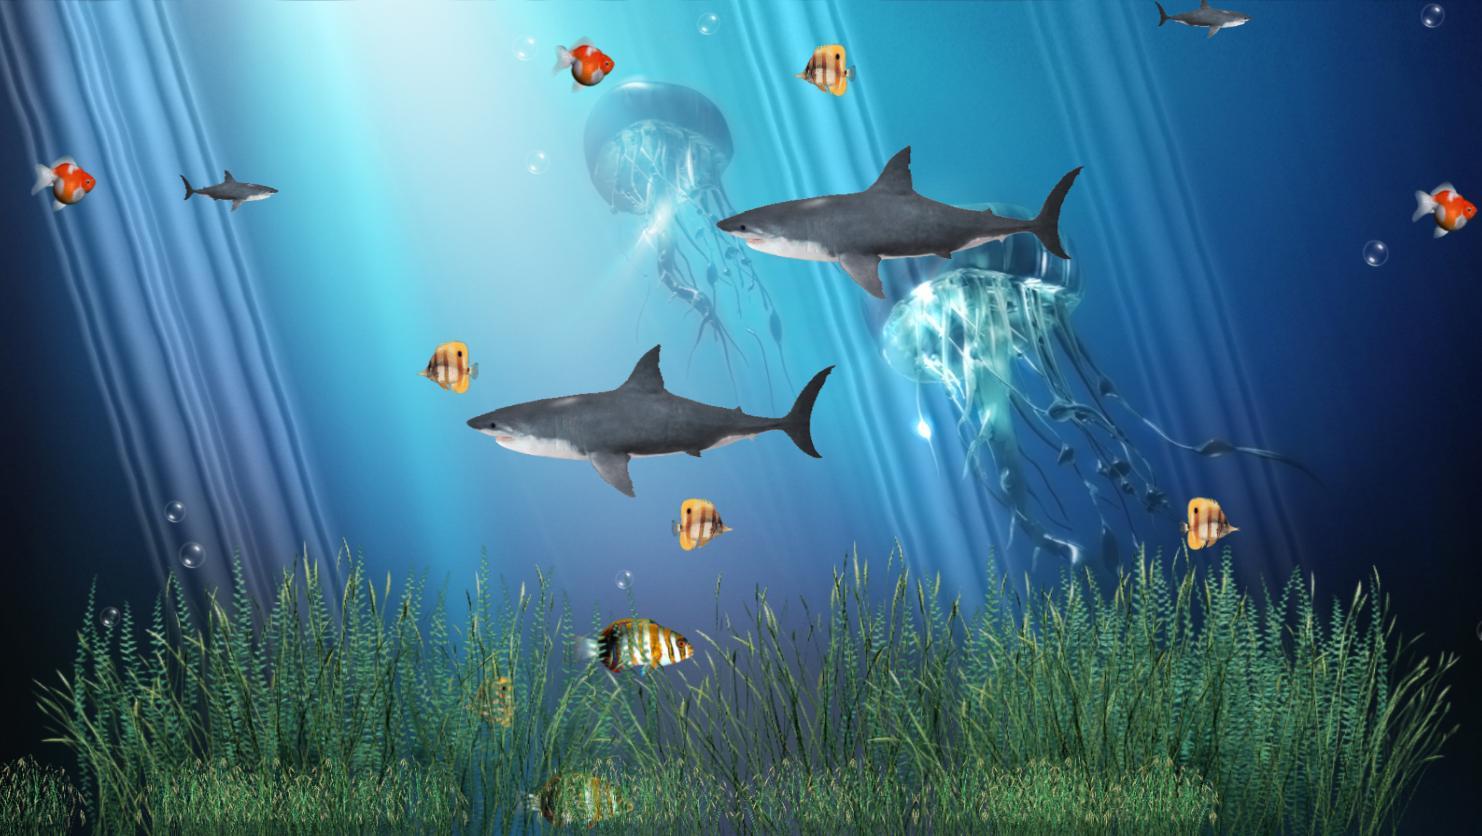 Aquarium Wallpaper For Windows 10 WallpaperSafari